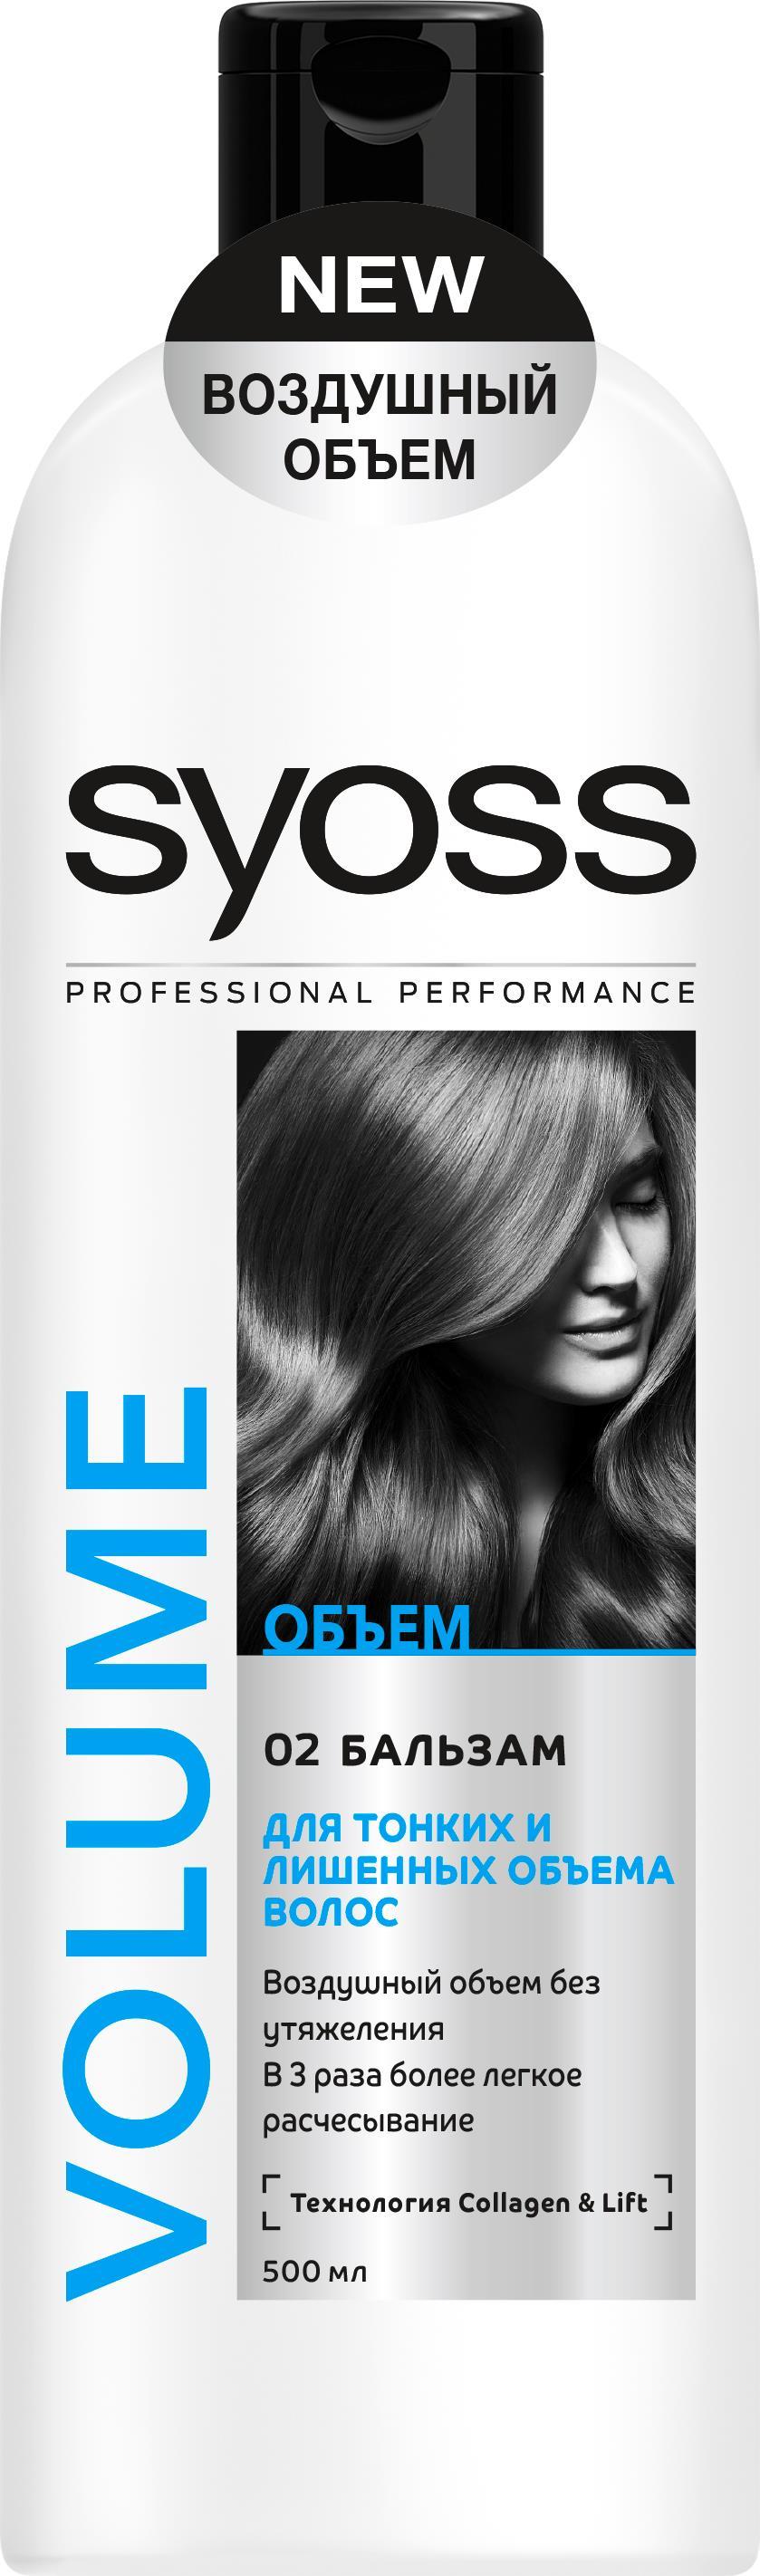 Syoss Бальзам Volume Lift, для тонких, ослабленных волос, 500 мл